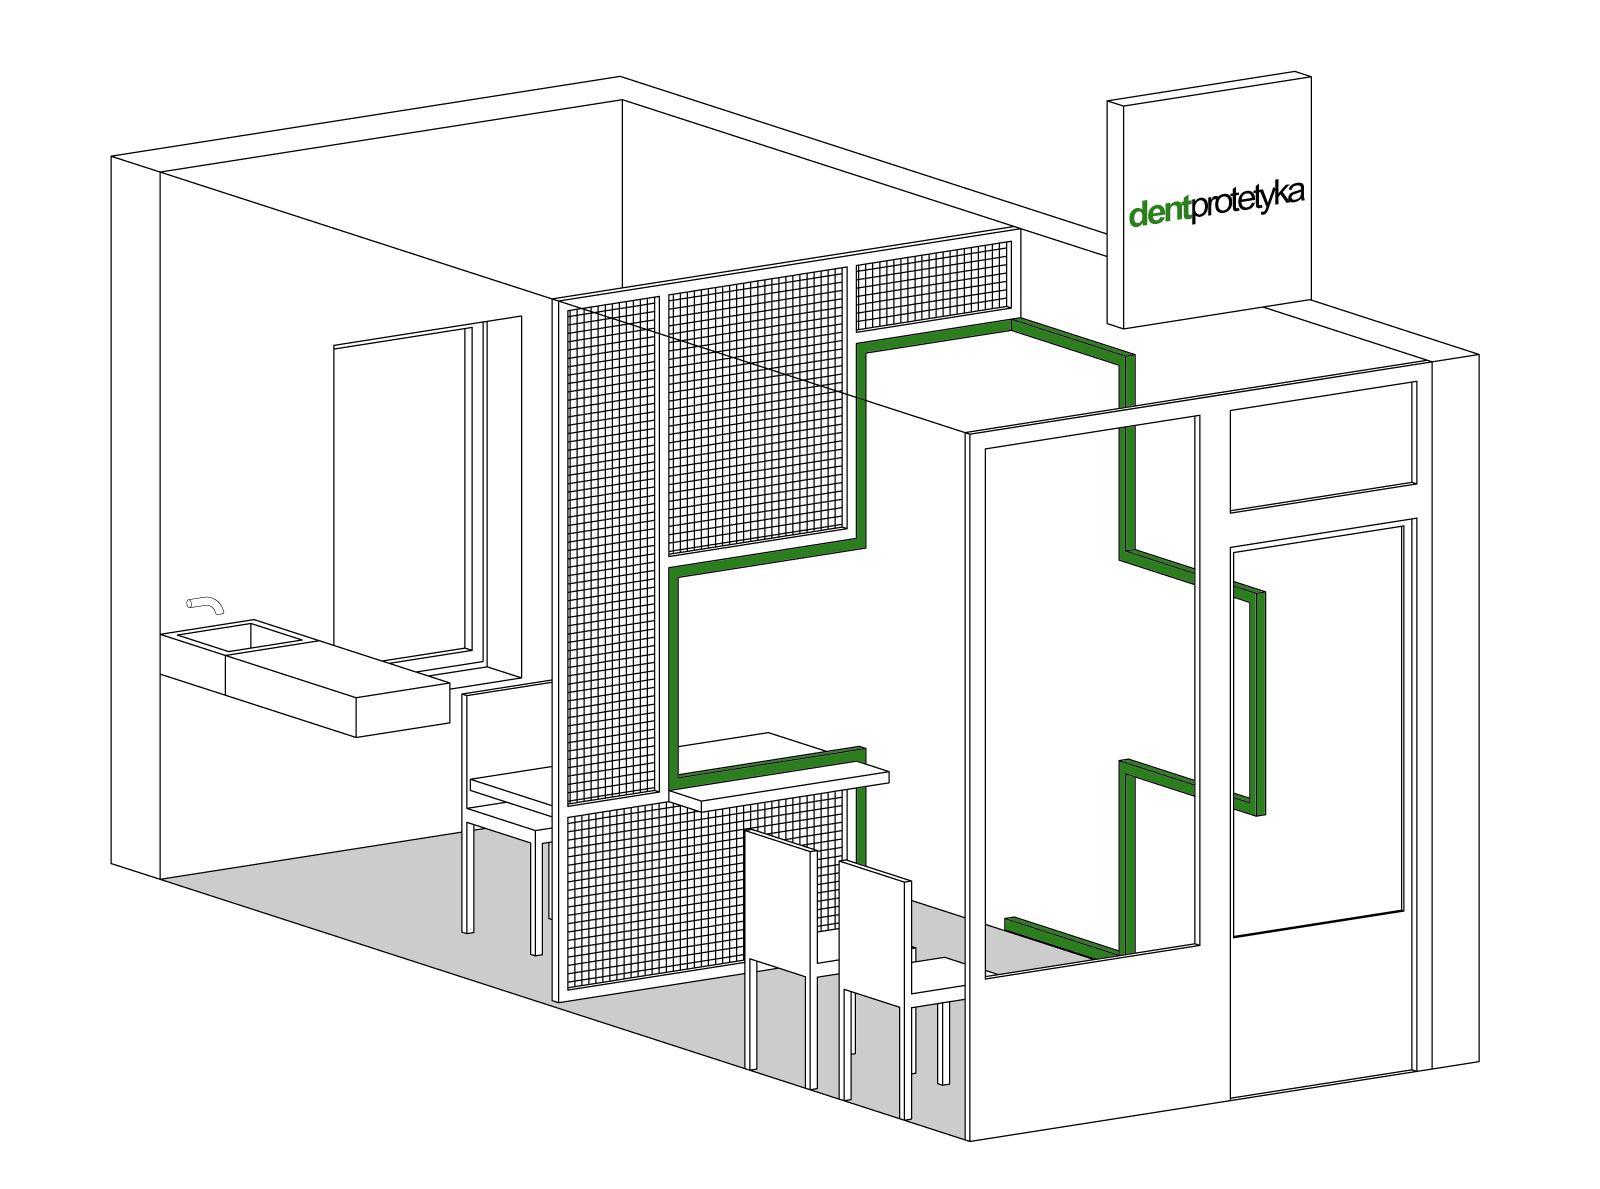 Galería - Centro Dental Protetyka / Adam Wiercinski Architekt - 8